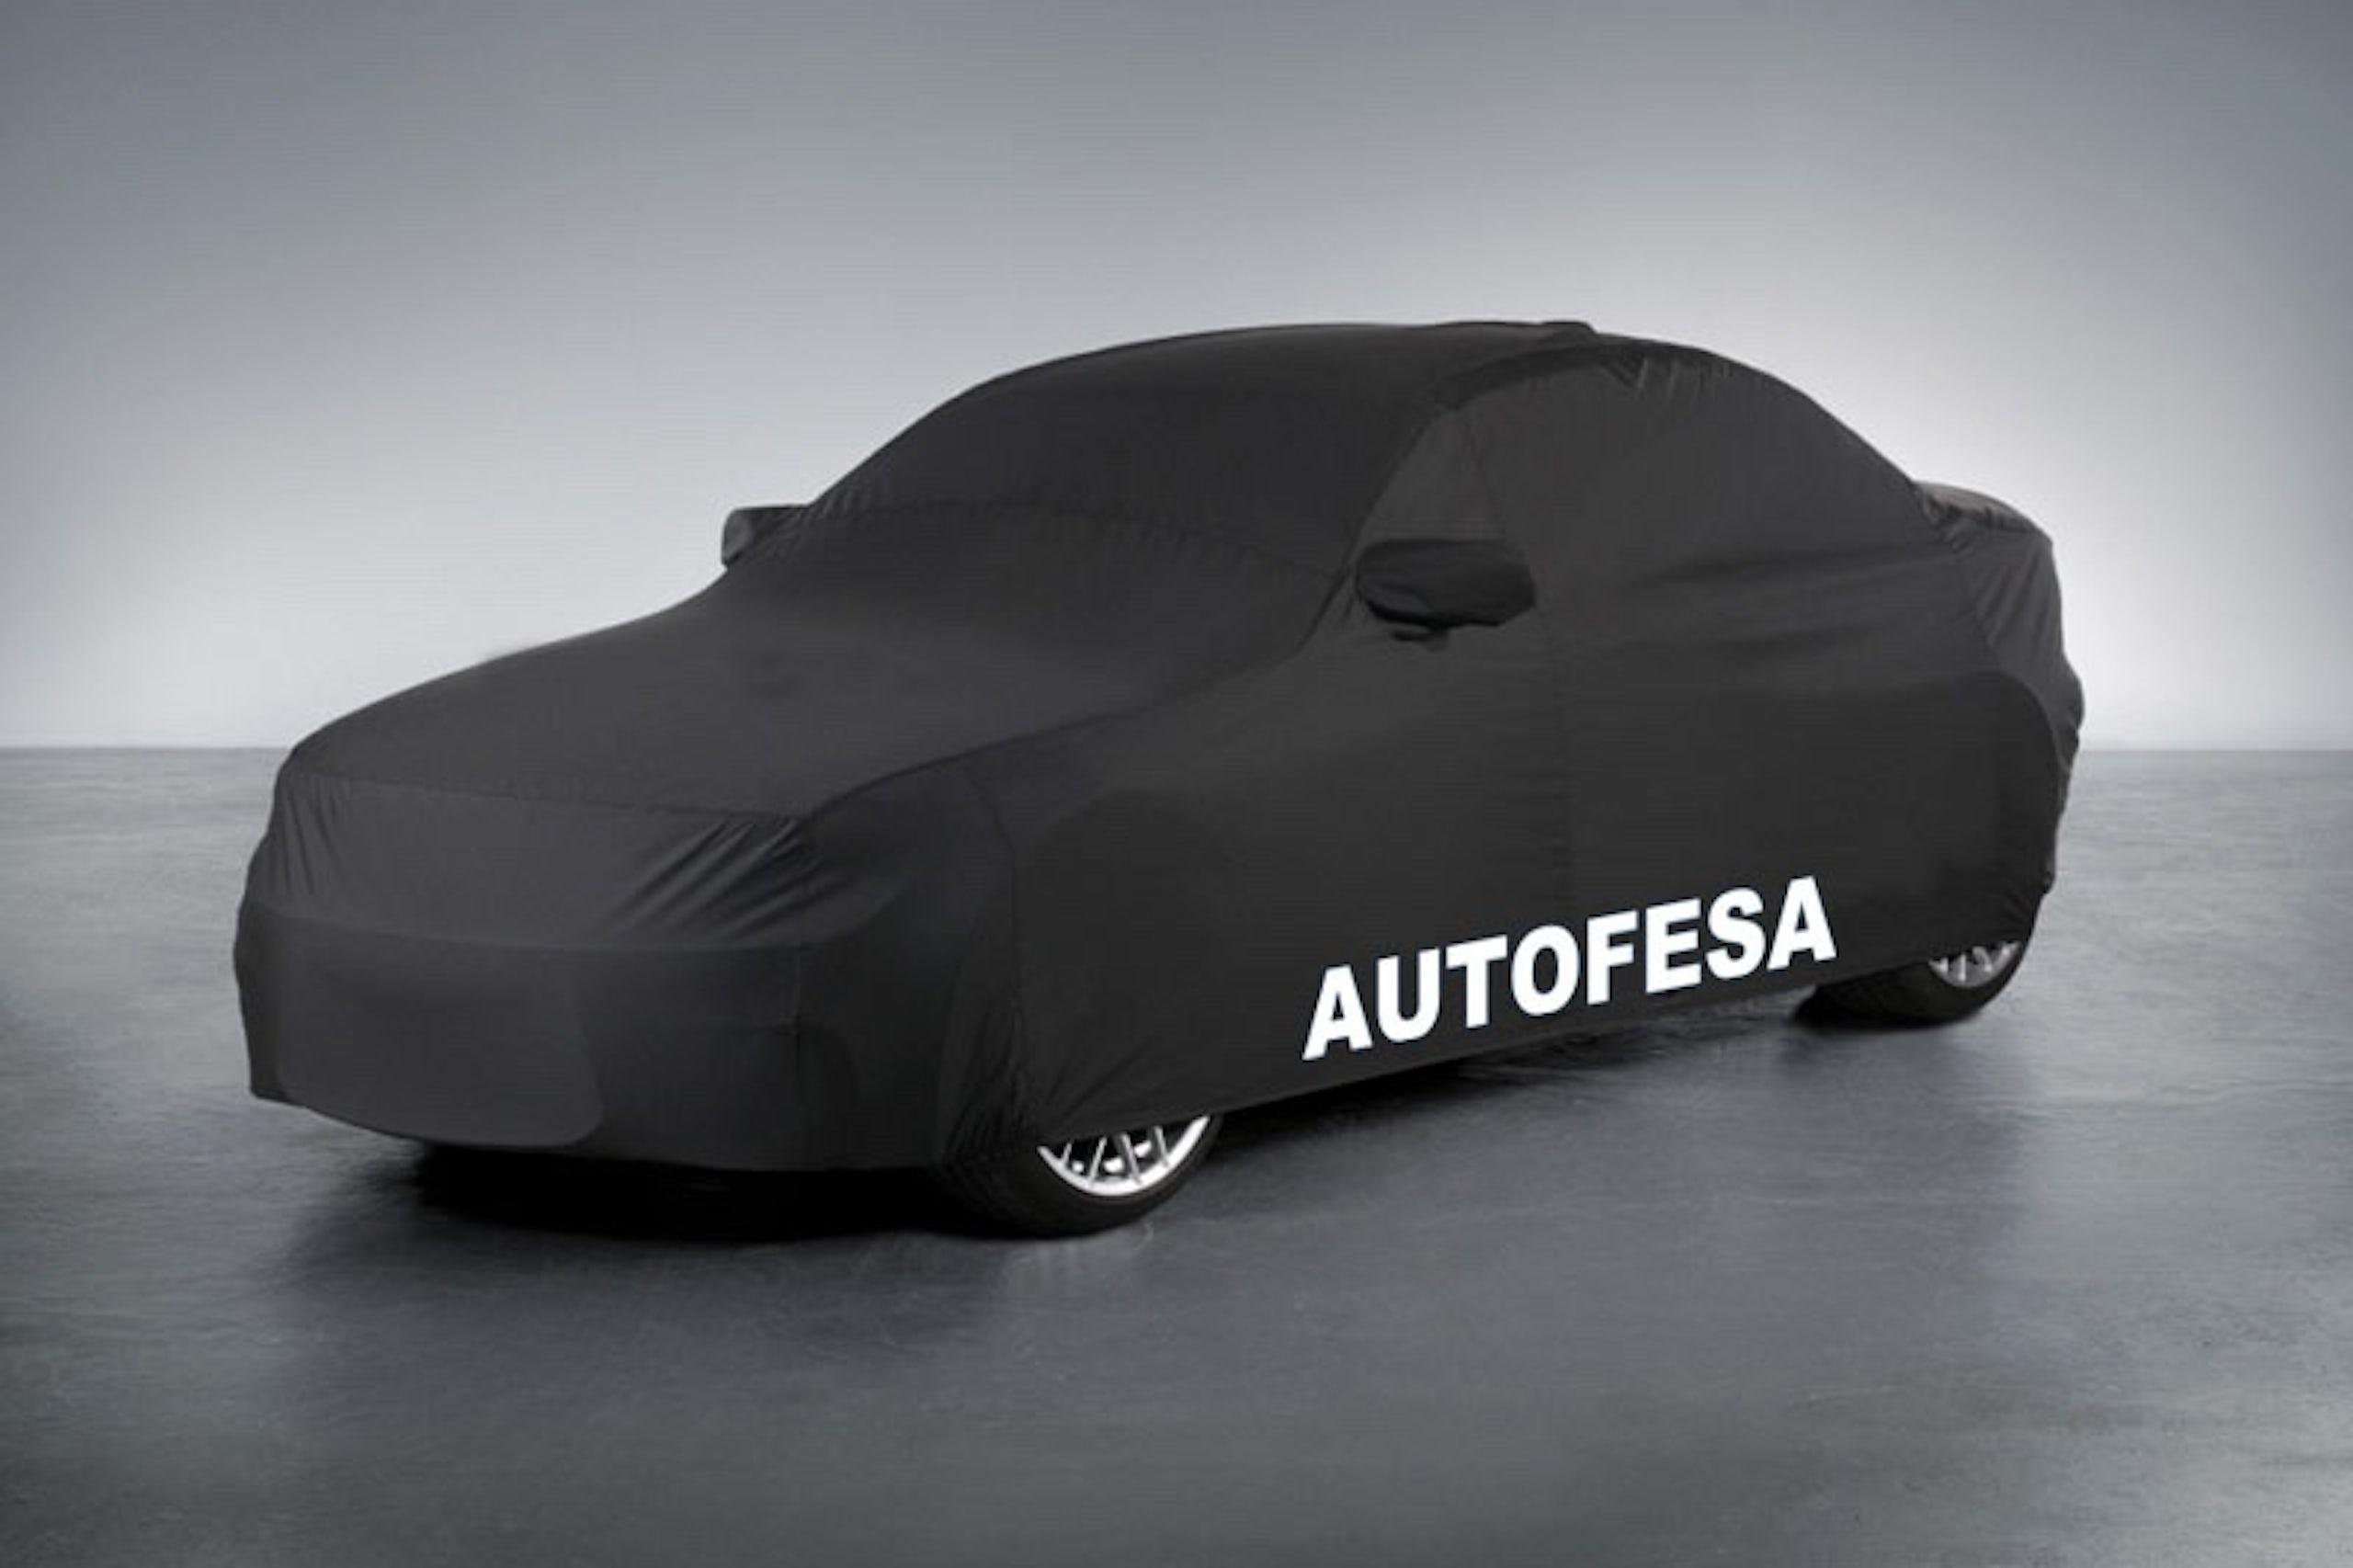 Audi A4 Avant 2.0 TDI 150cv Auto 5p S/S - Foto 20